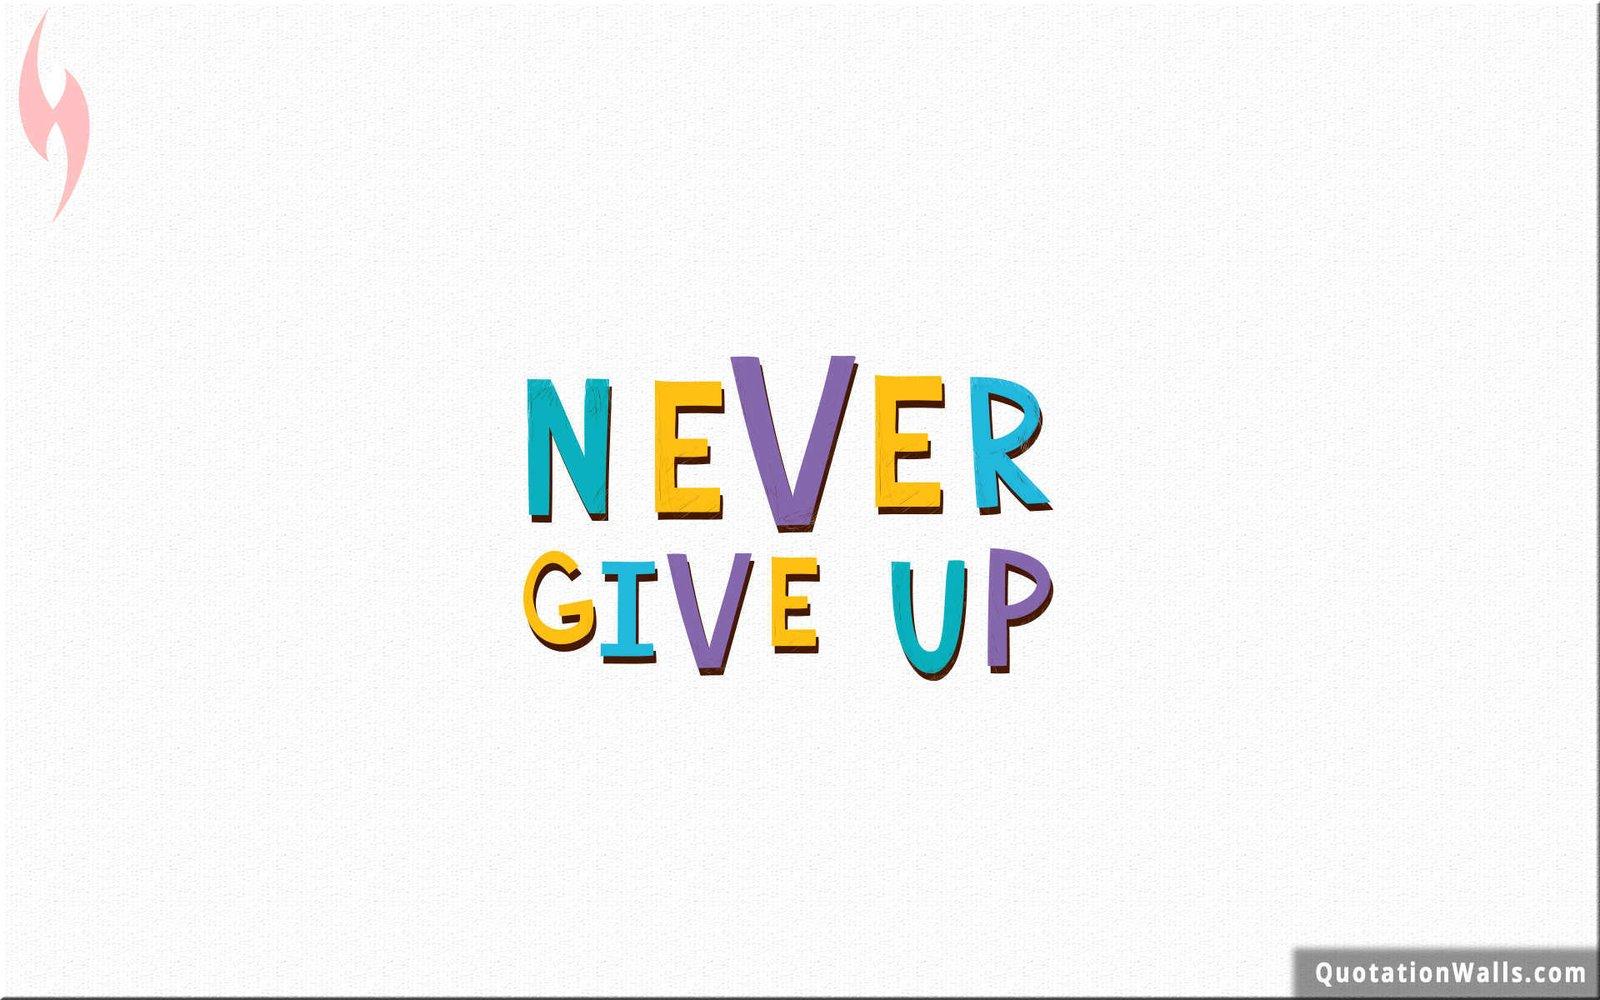 Never Give Up Motivational Wallpaper For Desktop